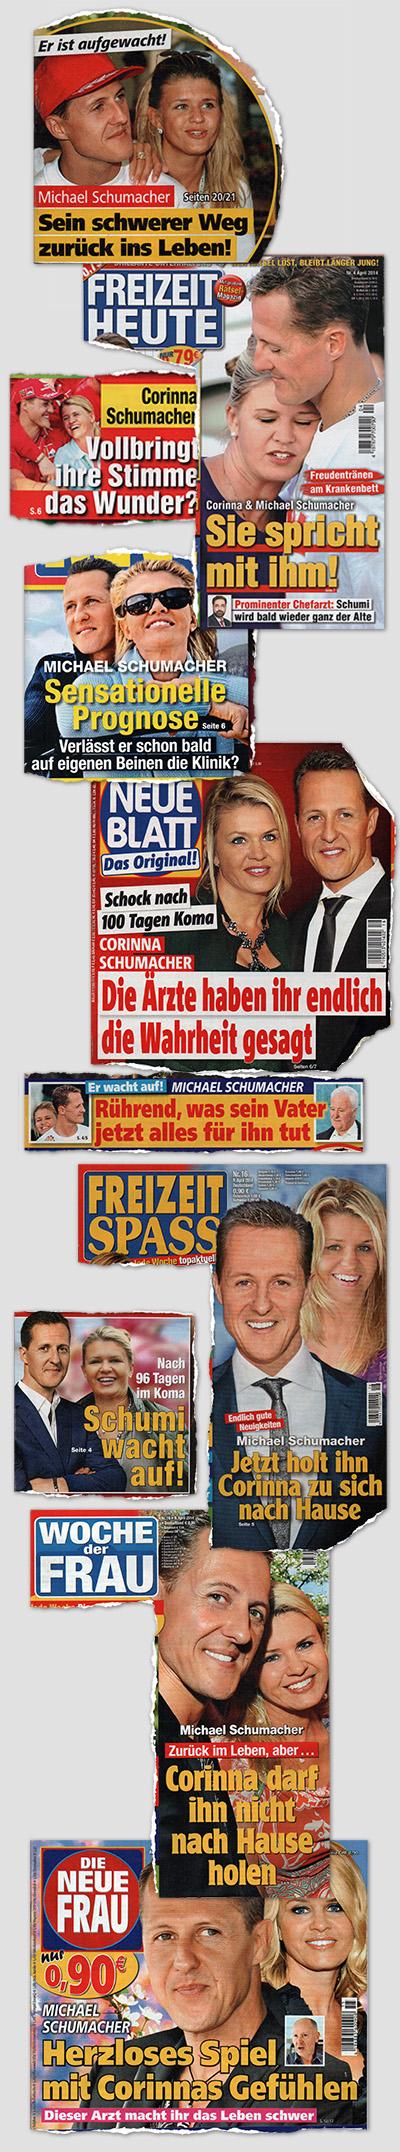 Michael Schumacher in der Regenbogenpresse